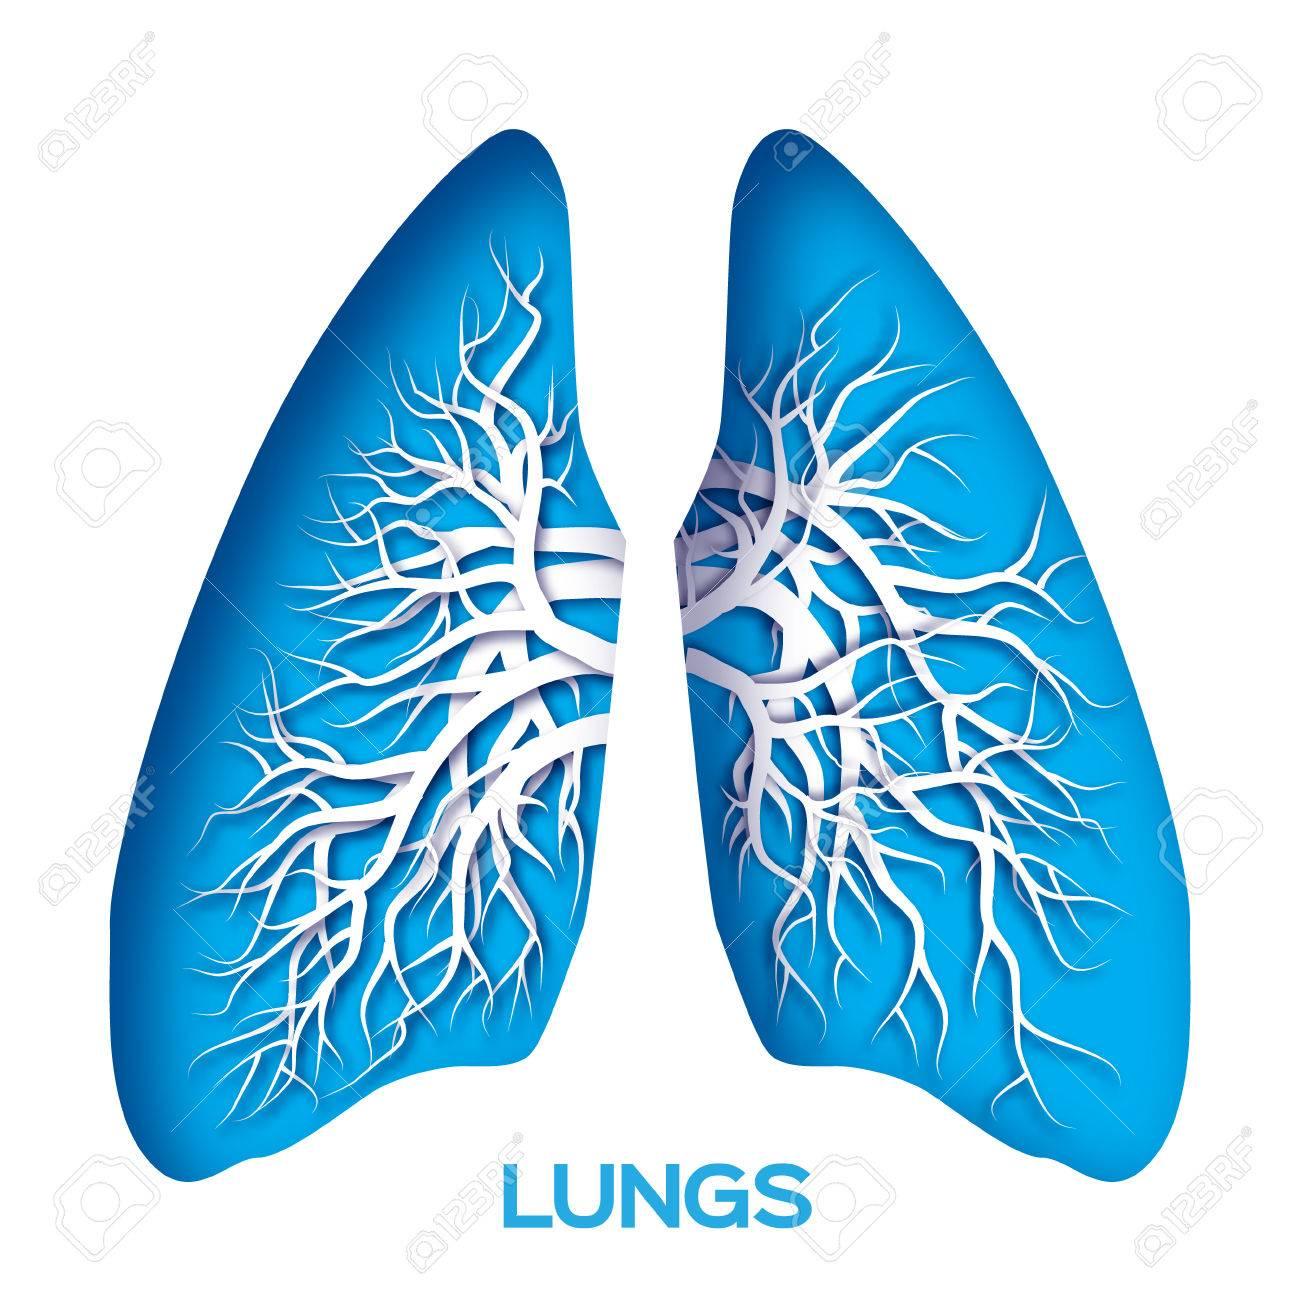 Origami Pulmones. Libro Azul Cortó Pulmones Humanos Anatomía Con El ...